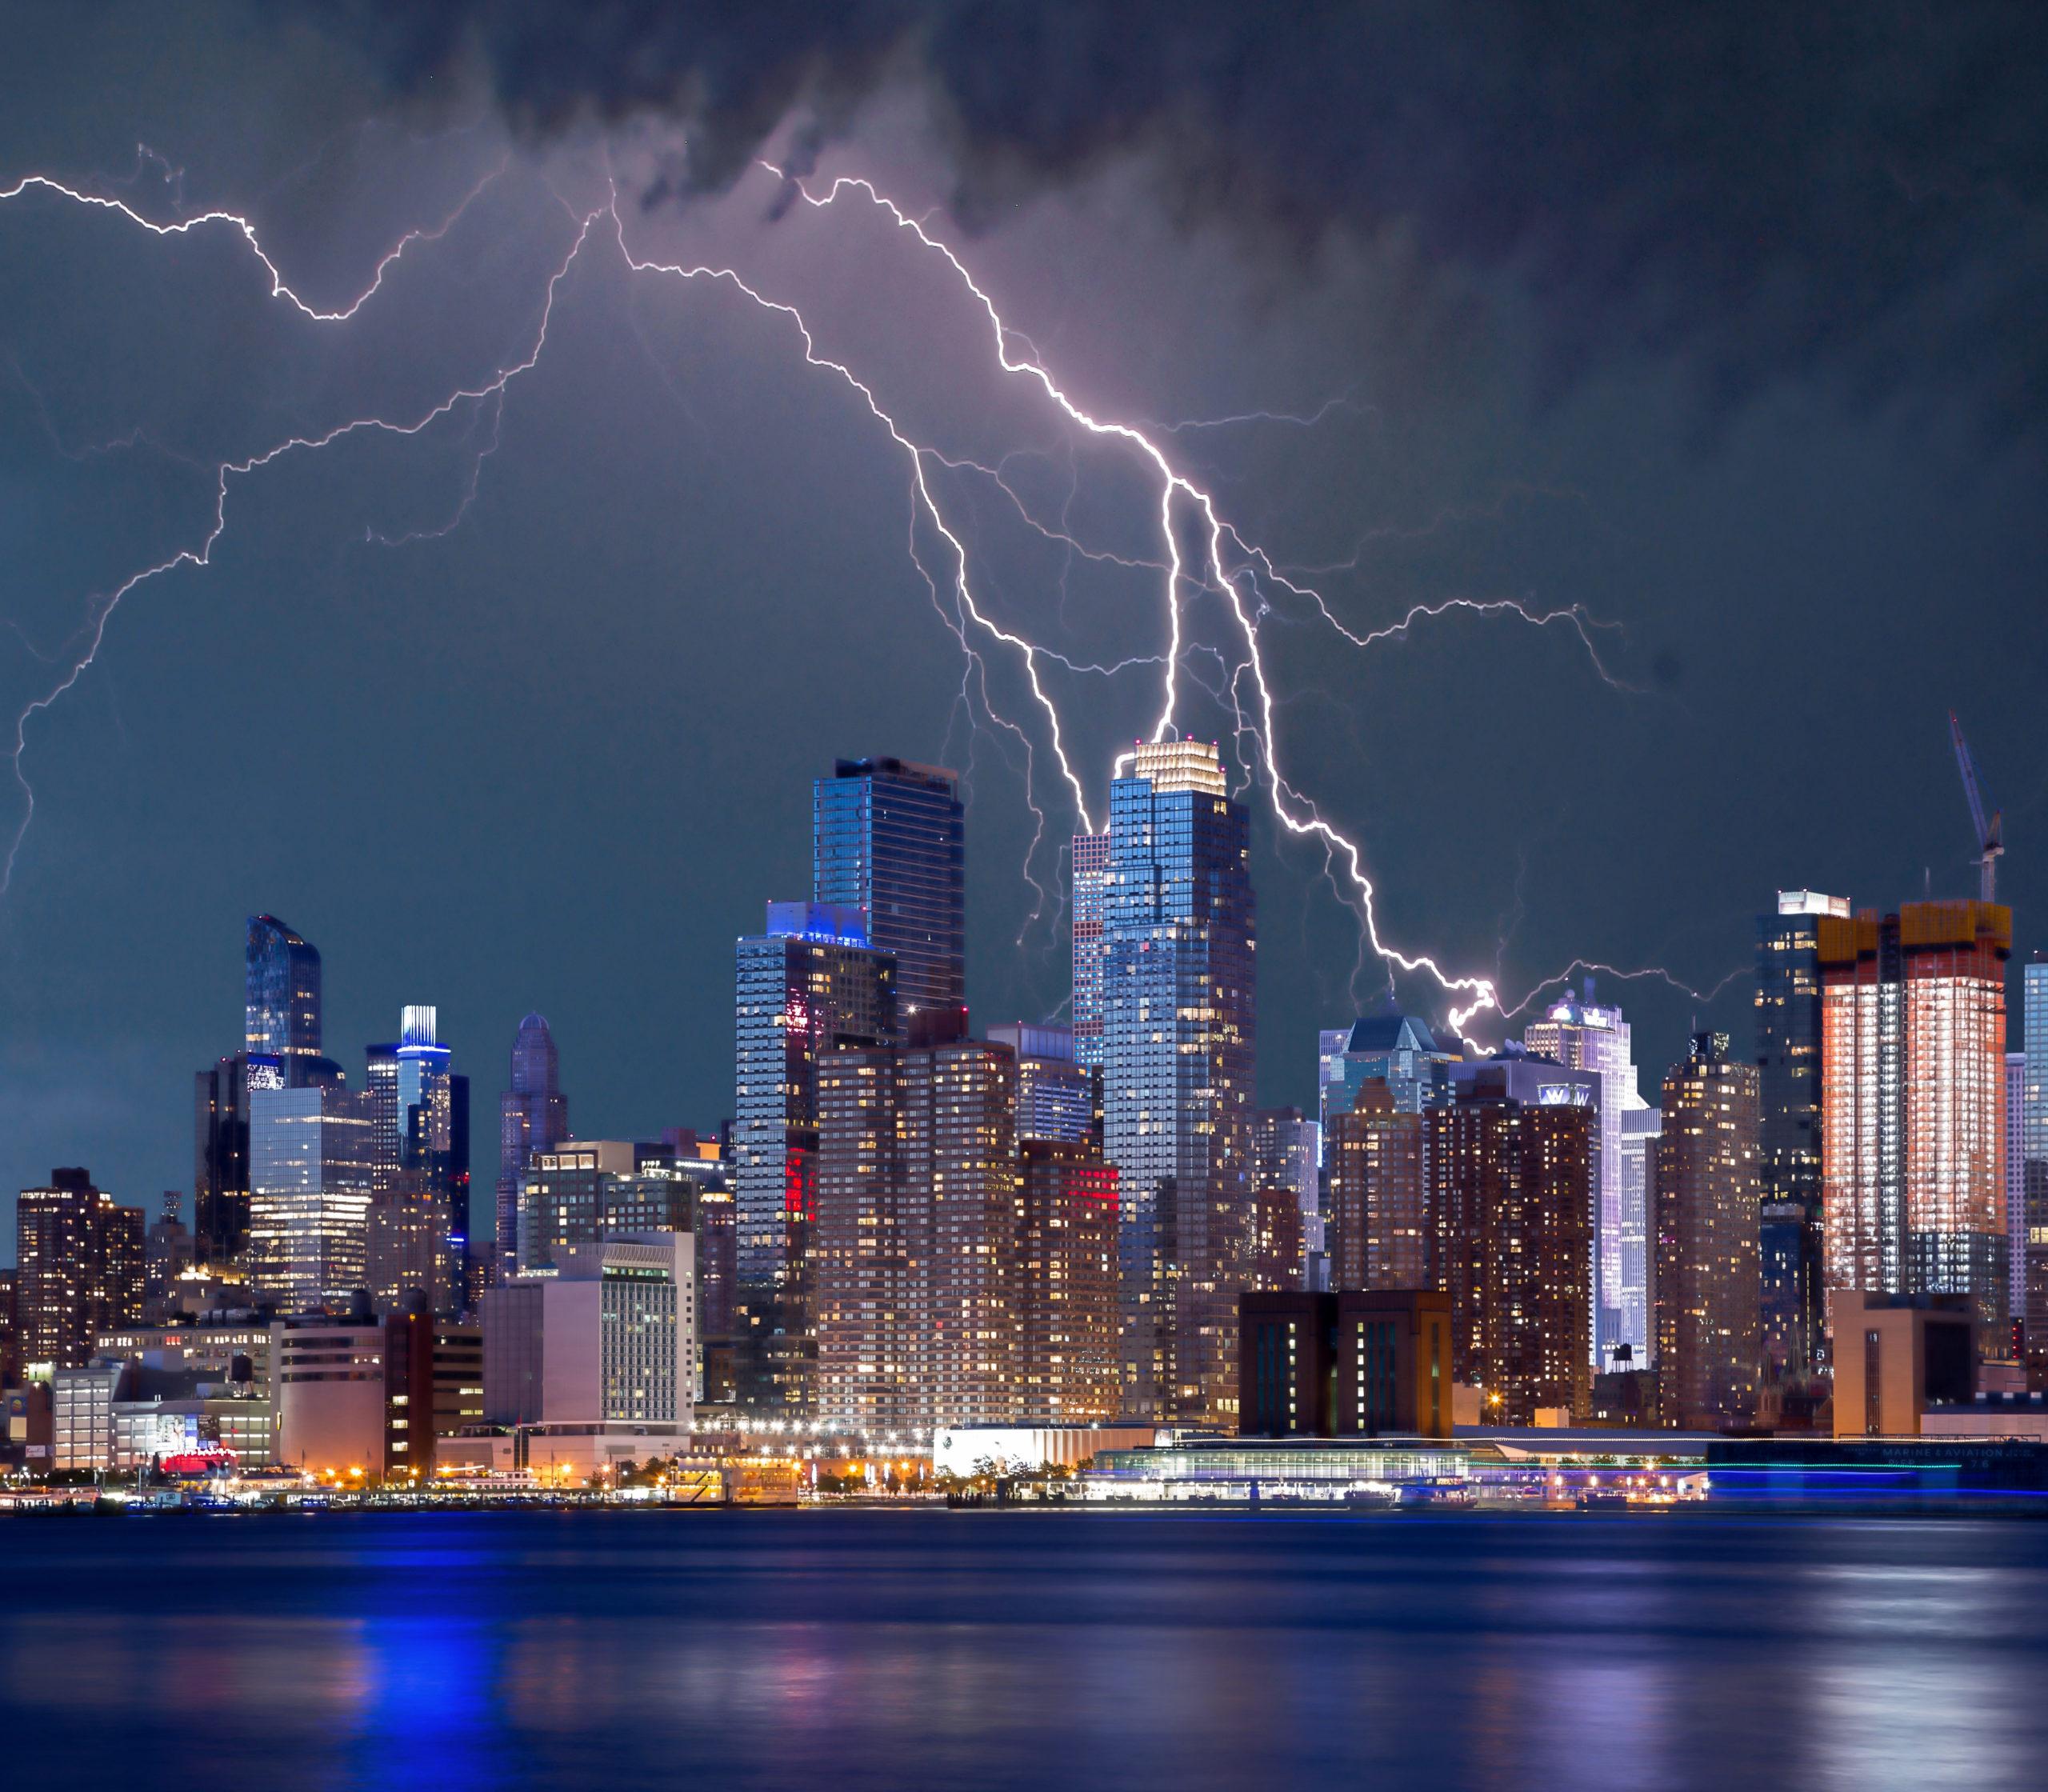 New York avrà una flotta a emissioni zero e carbon neutral entro il 2040